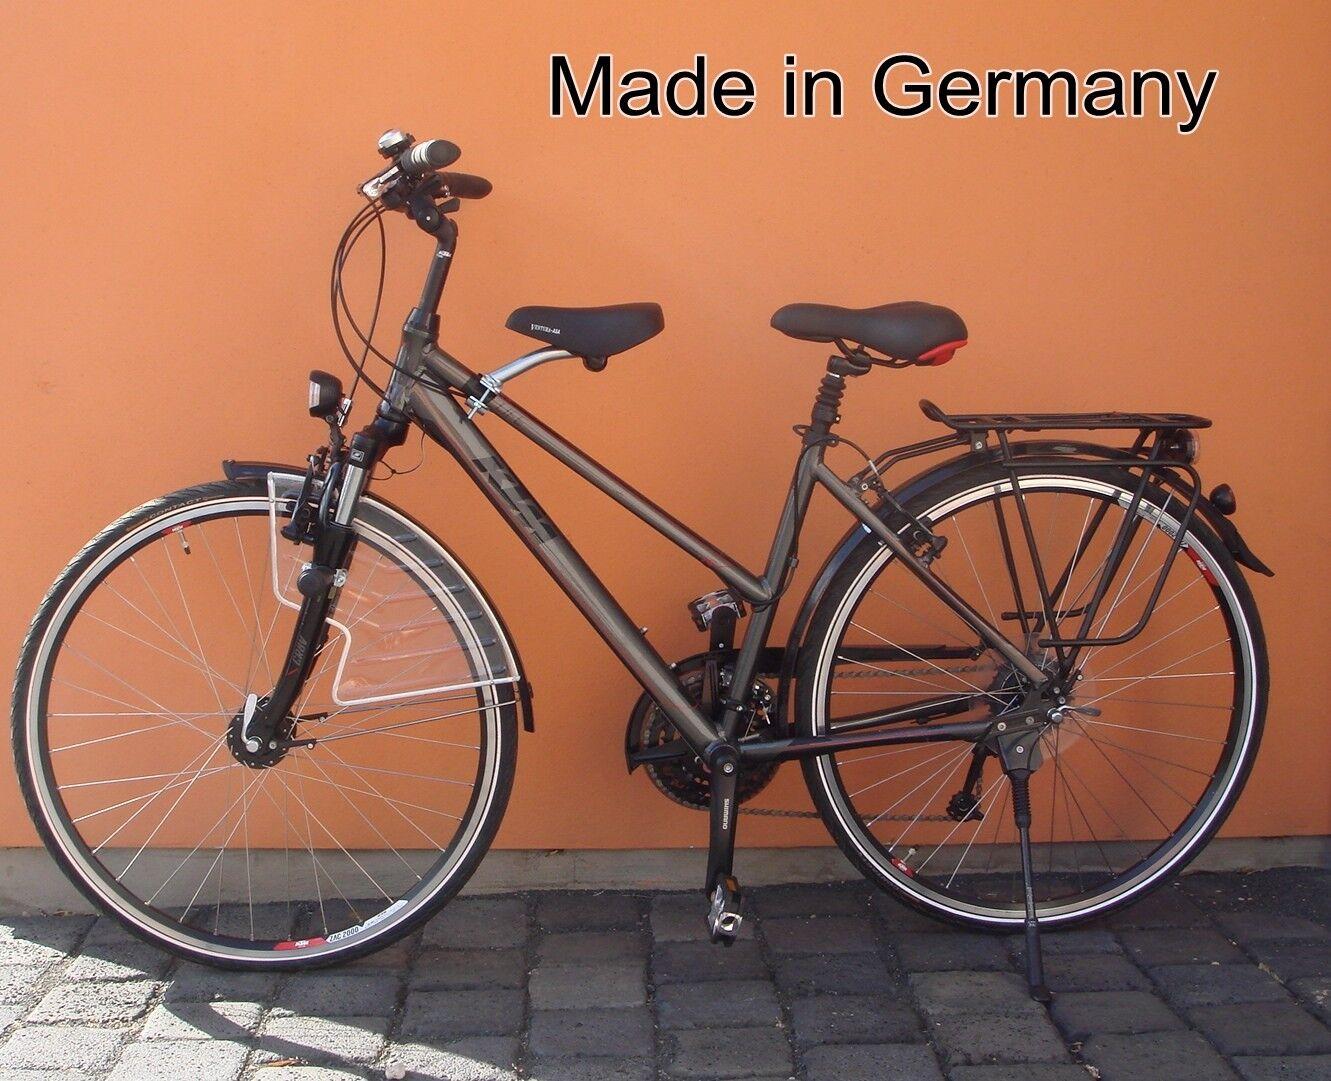 DDR Zeiten Fahrrad Kindersitz f. vorn alle Rahmen m. m. m. Fußstützen & Speichenschutz a576e3